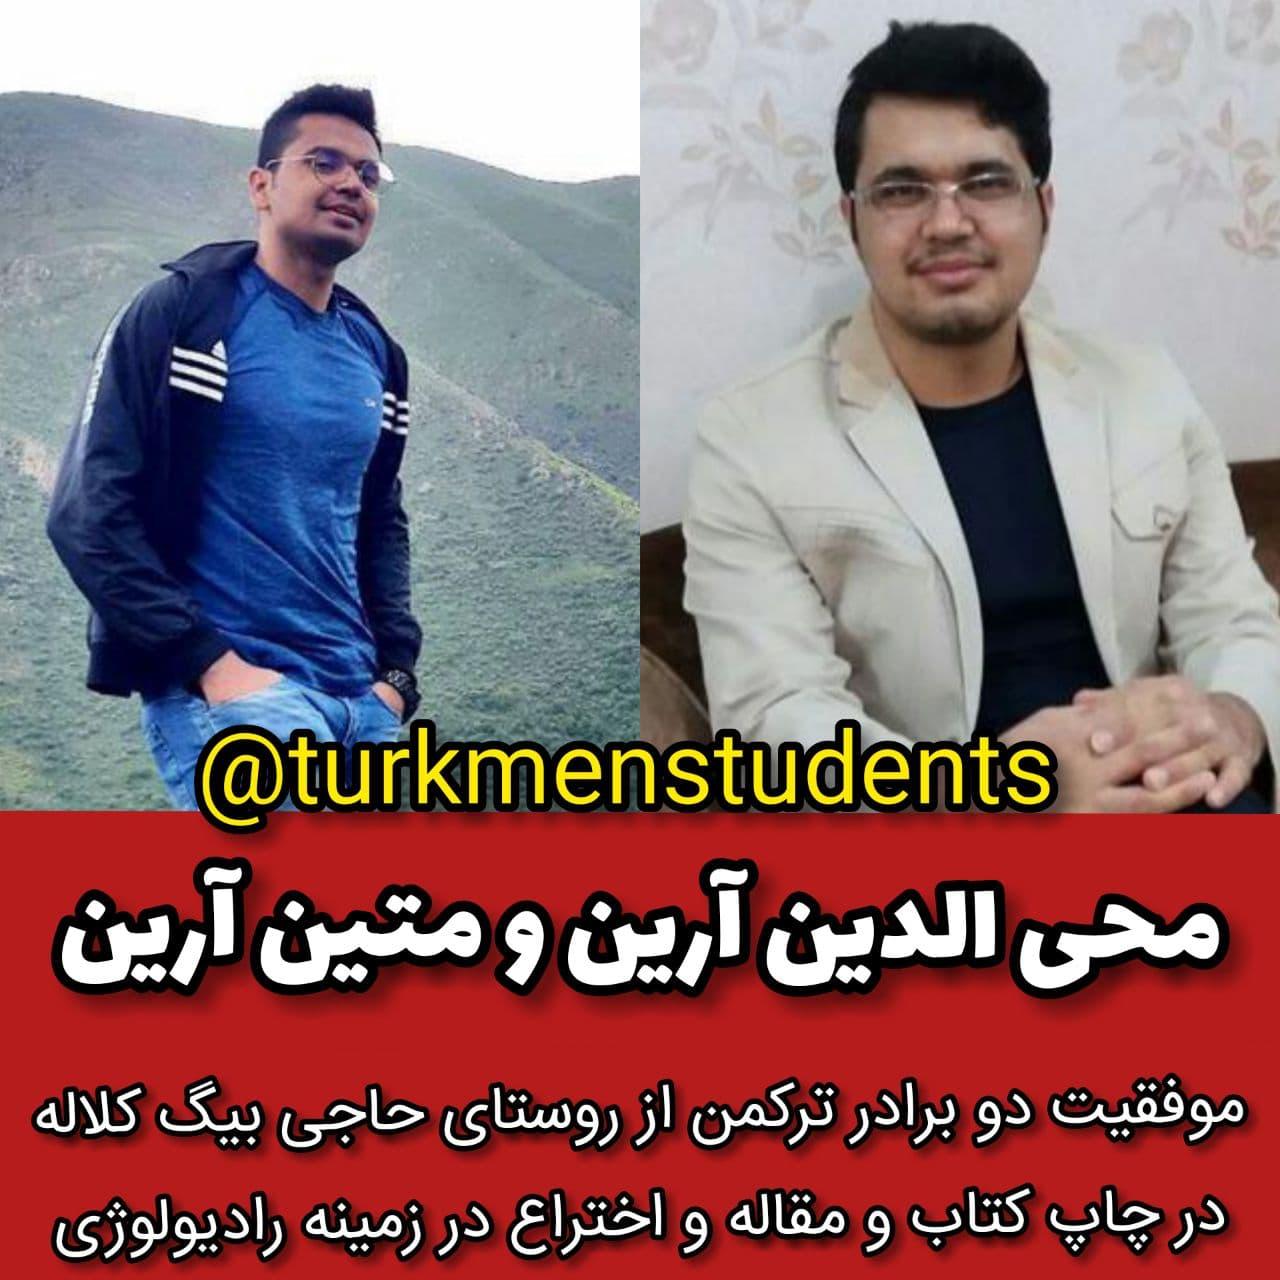 موفقیت برادران ترکمن در زمینه رایدولوژی